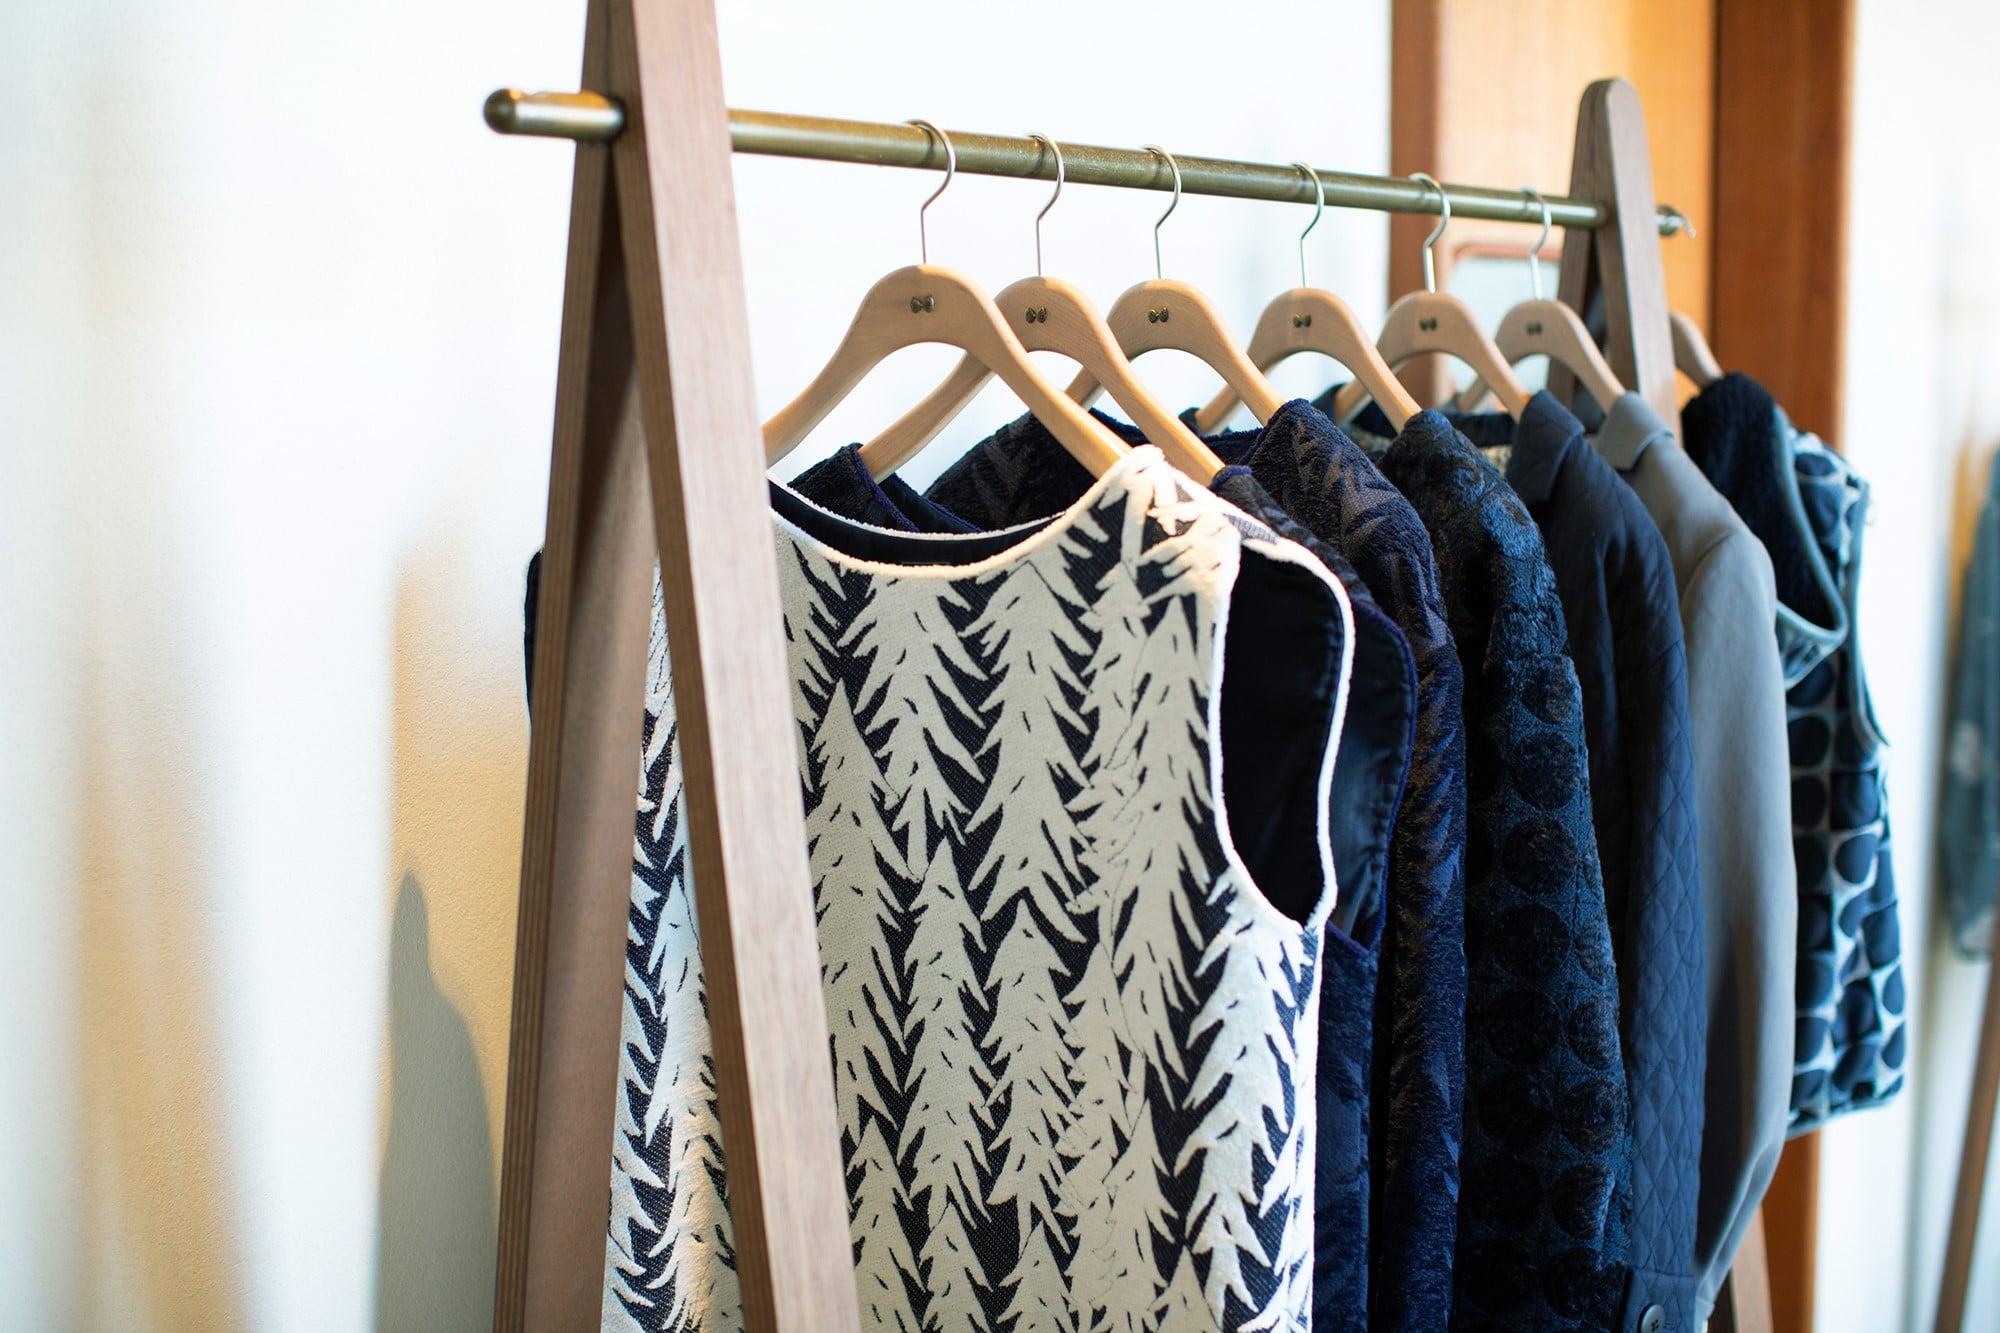 モチーフとなる自然を大胆に解釈する。刺繍をふんだんに使ったミナ ペルホネンの服の美しさ。